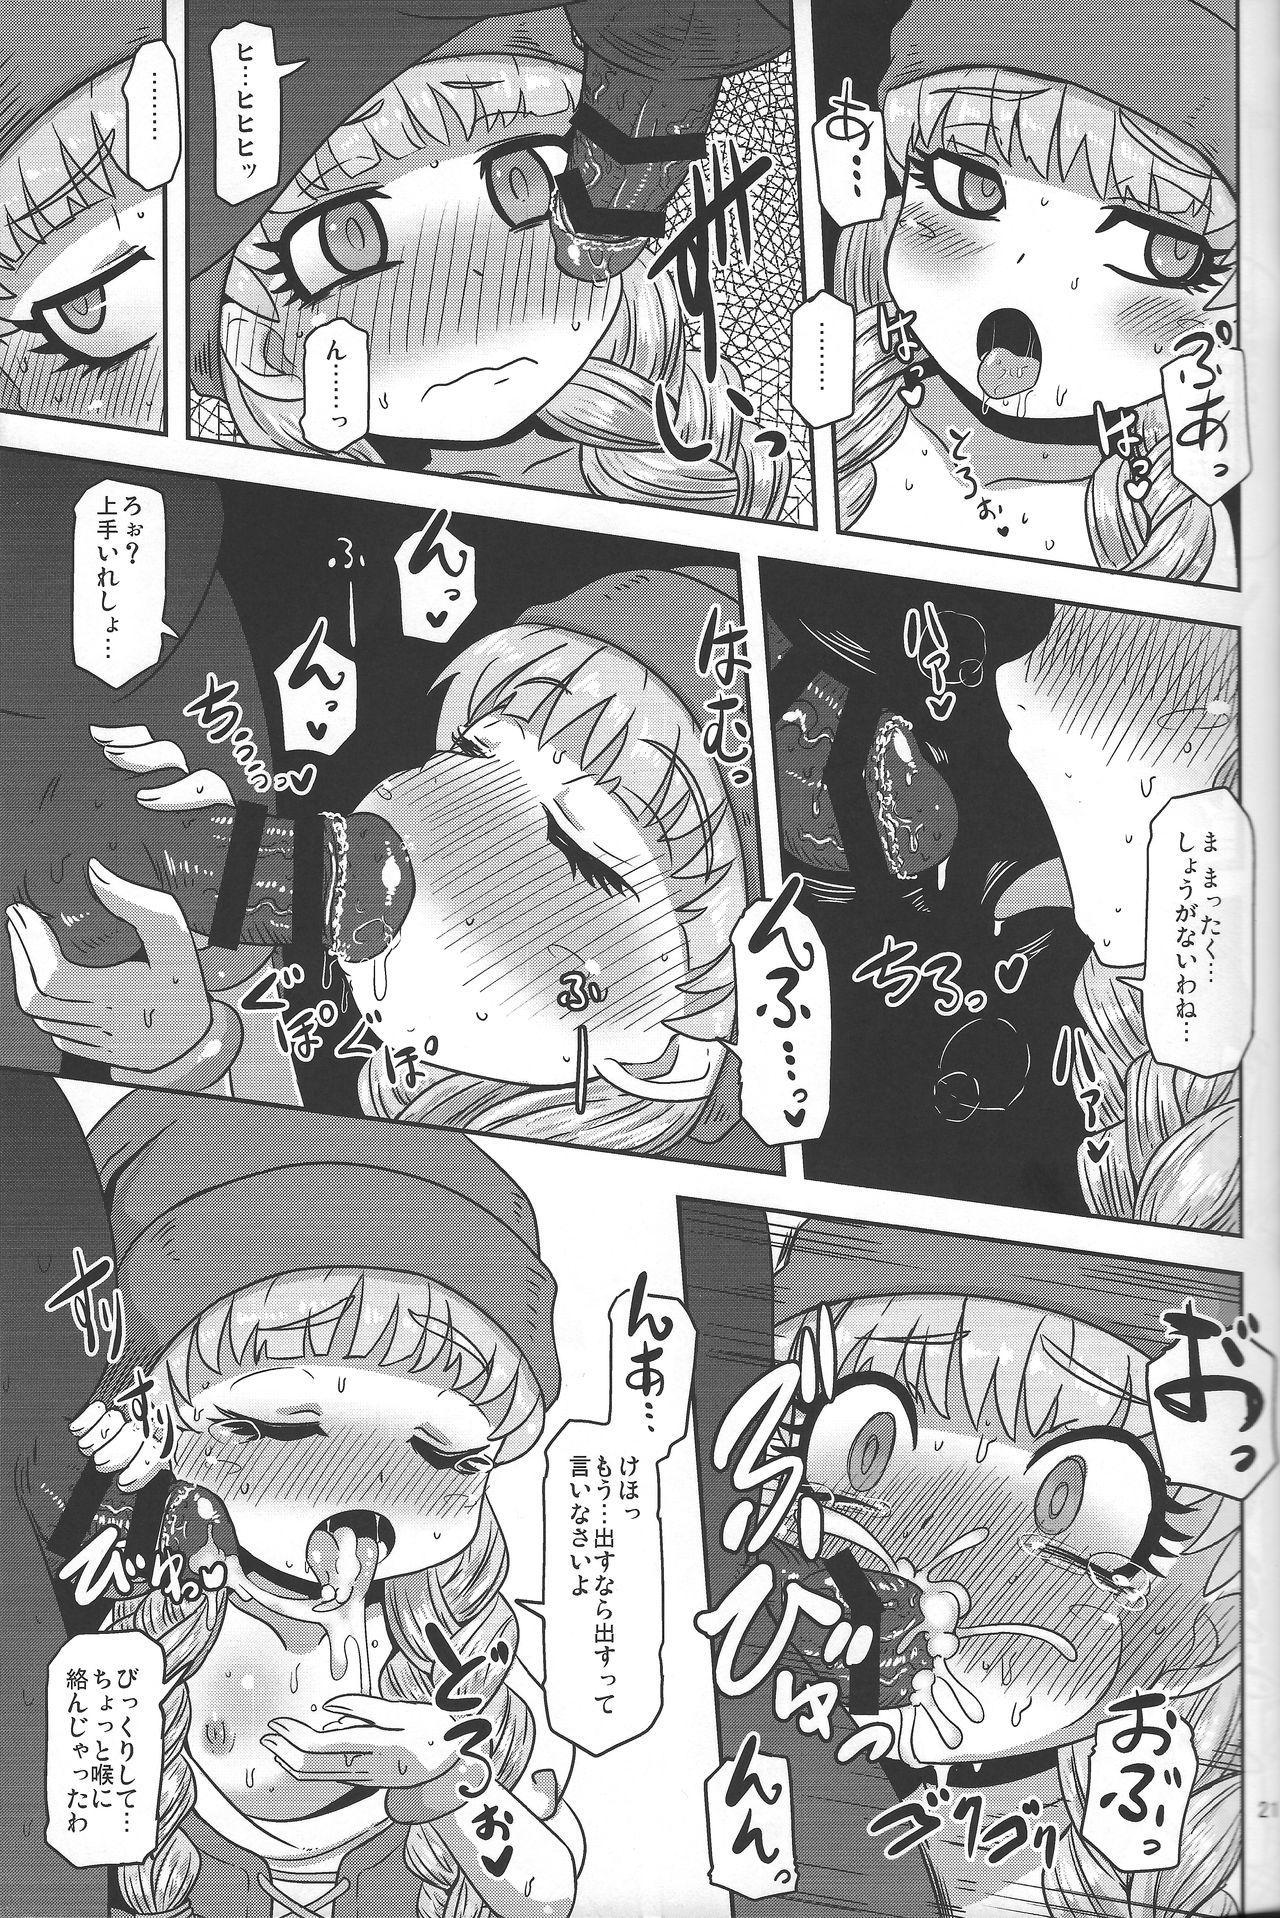 Tensai Mahoutsukai no Sei Jijou 19